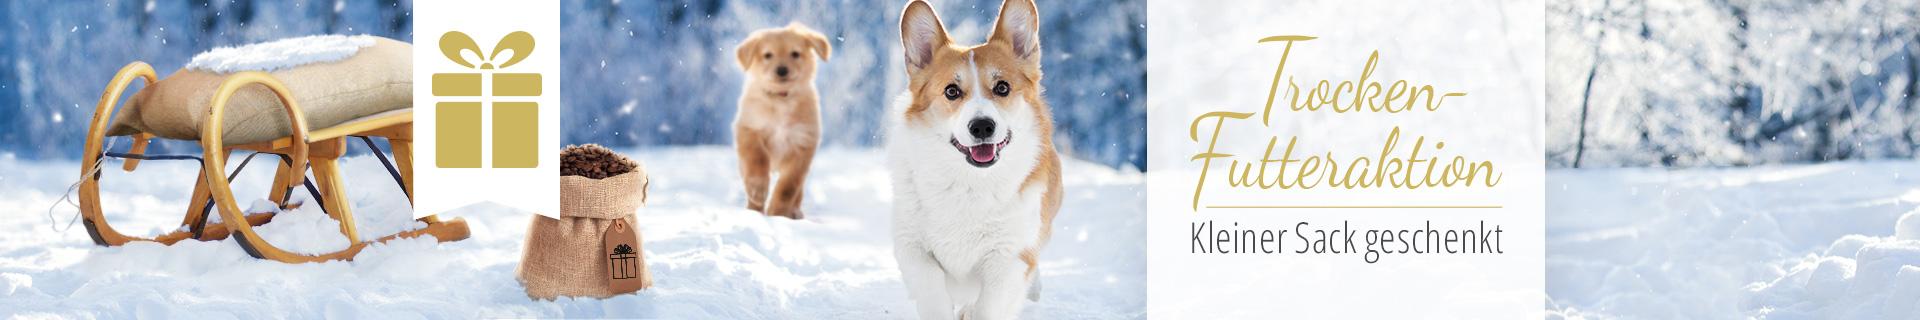 Kleiner Sack Gratis Aktion Hund